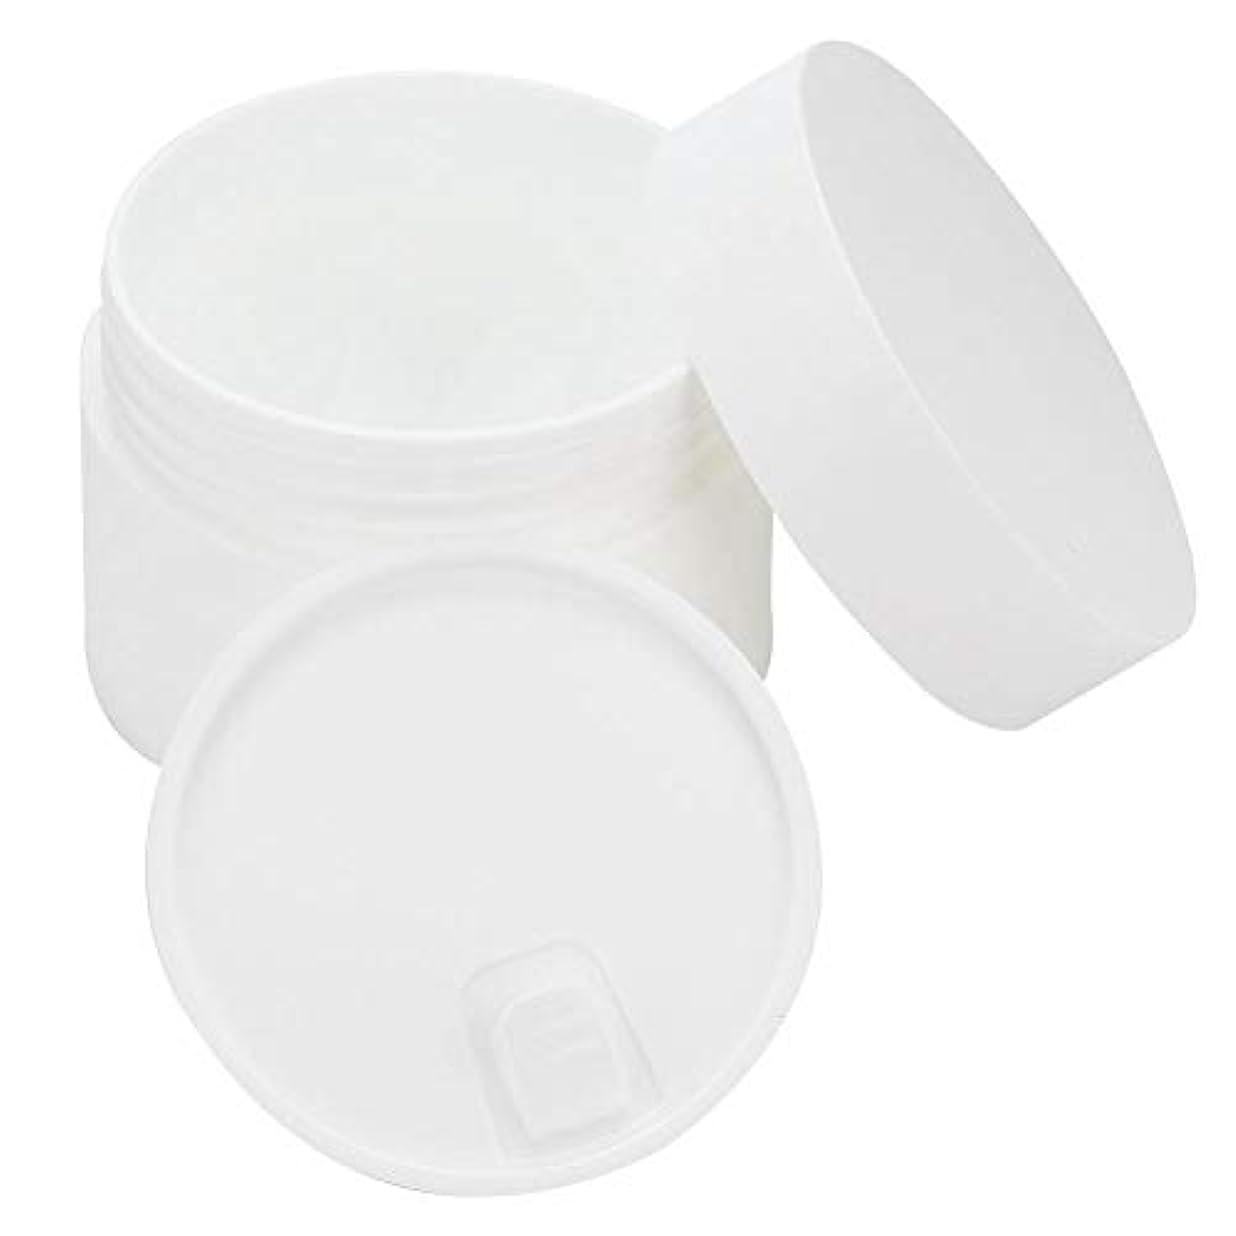 スズメバチ交換可能石鹸30g空の旅行フェイシャルクリームボトル充填可能なスキンケア製品容器ボトルDIYマスクボトル